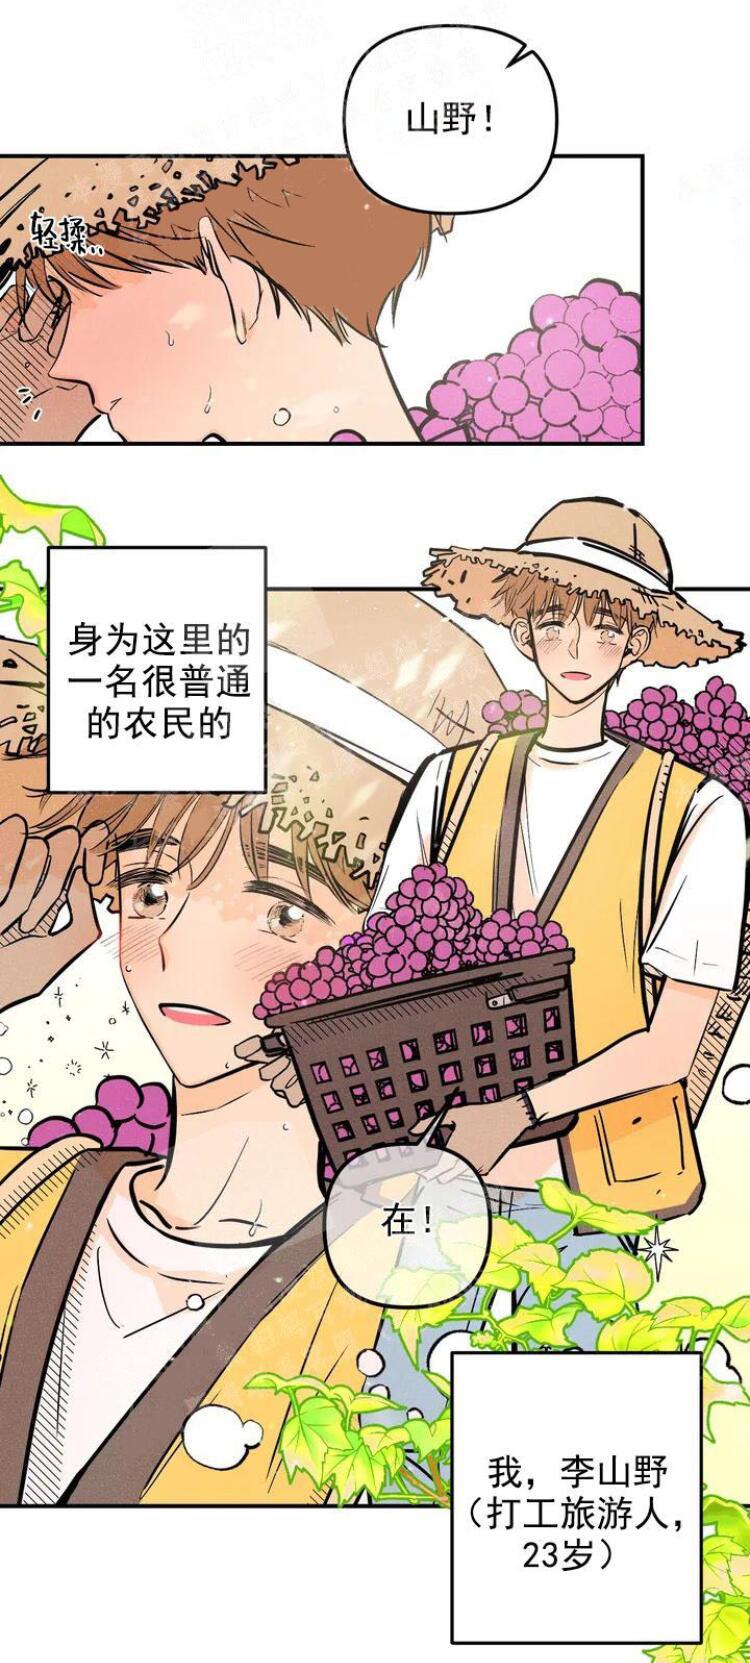 韩国漫画奏爱在线全集